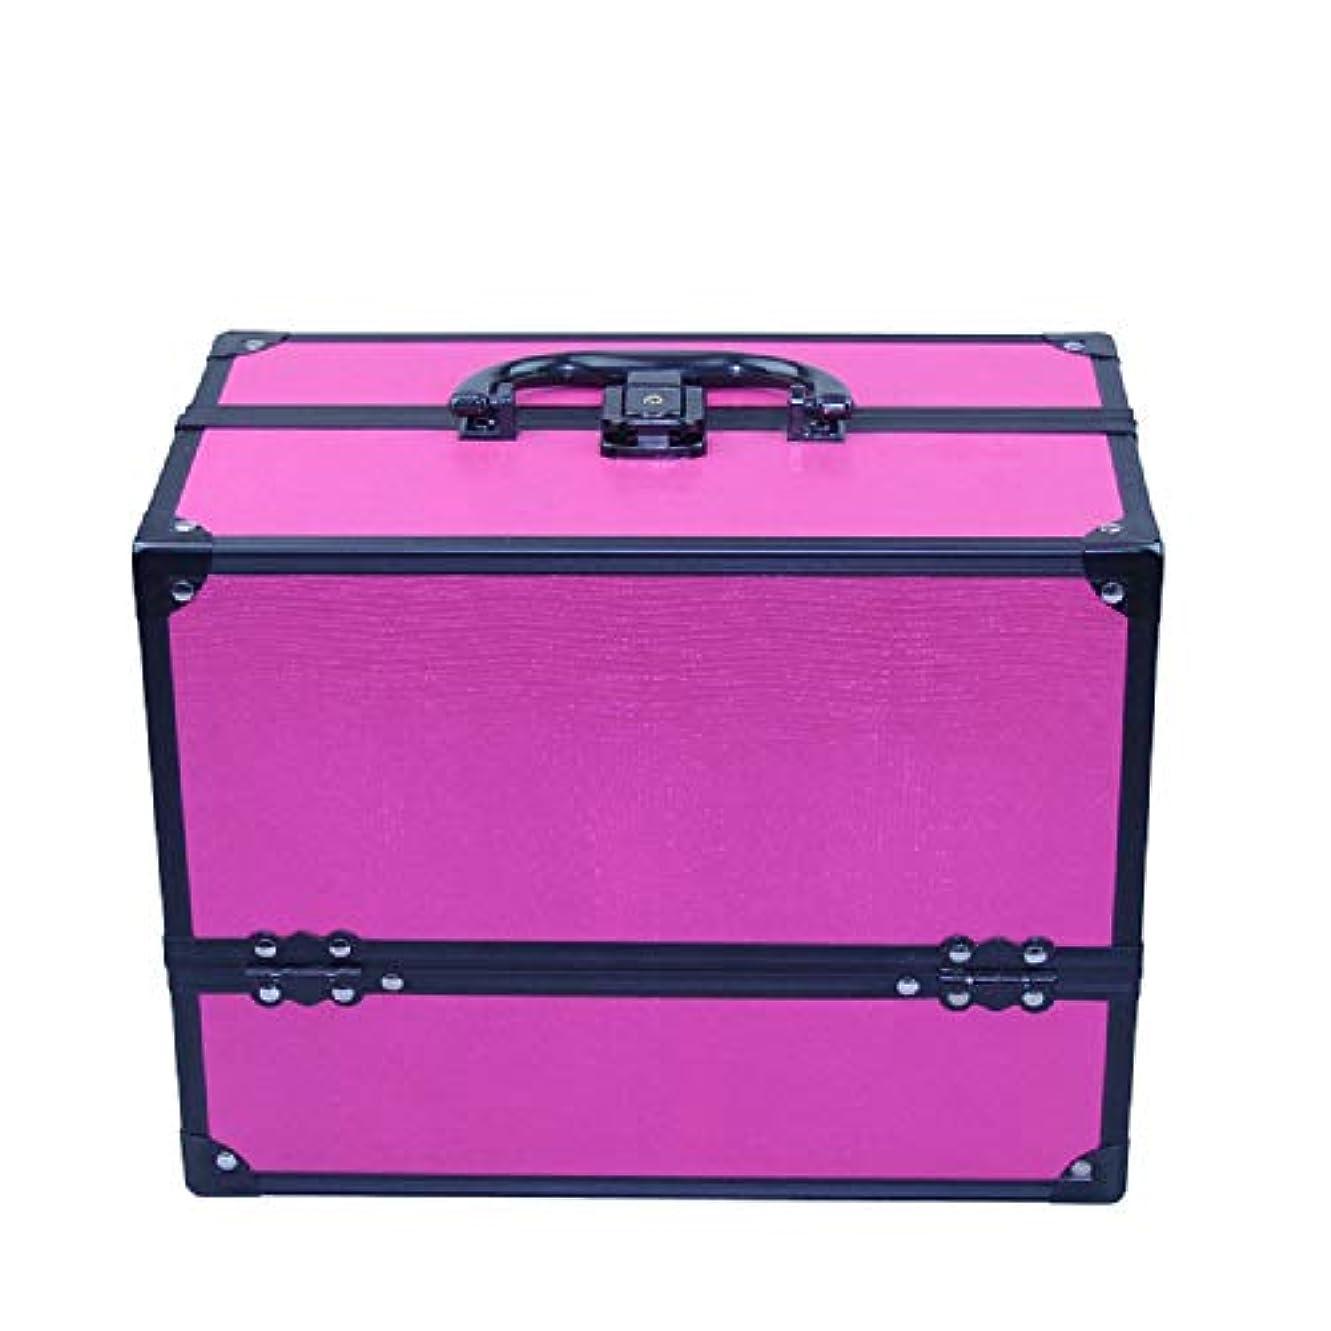 ディレイ否認するドラマ化粧オーガナイザーバッグ 純粋な色のポータブル化粧品ケーストラベルアクセサリーシャンプーボディウォッシュパーソナルアイテムストレージロックとスライディングトレイ 化粧品ケース